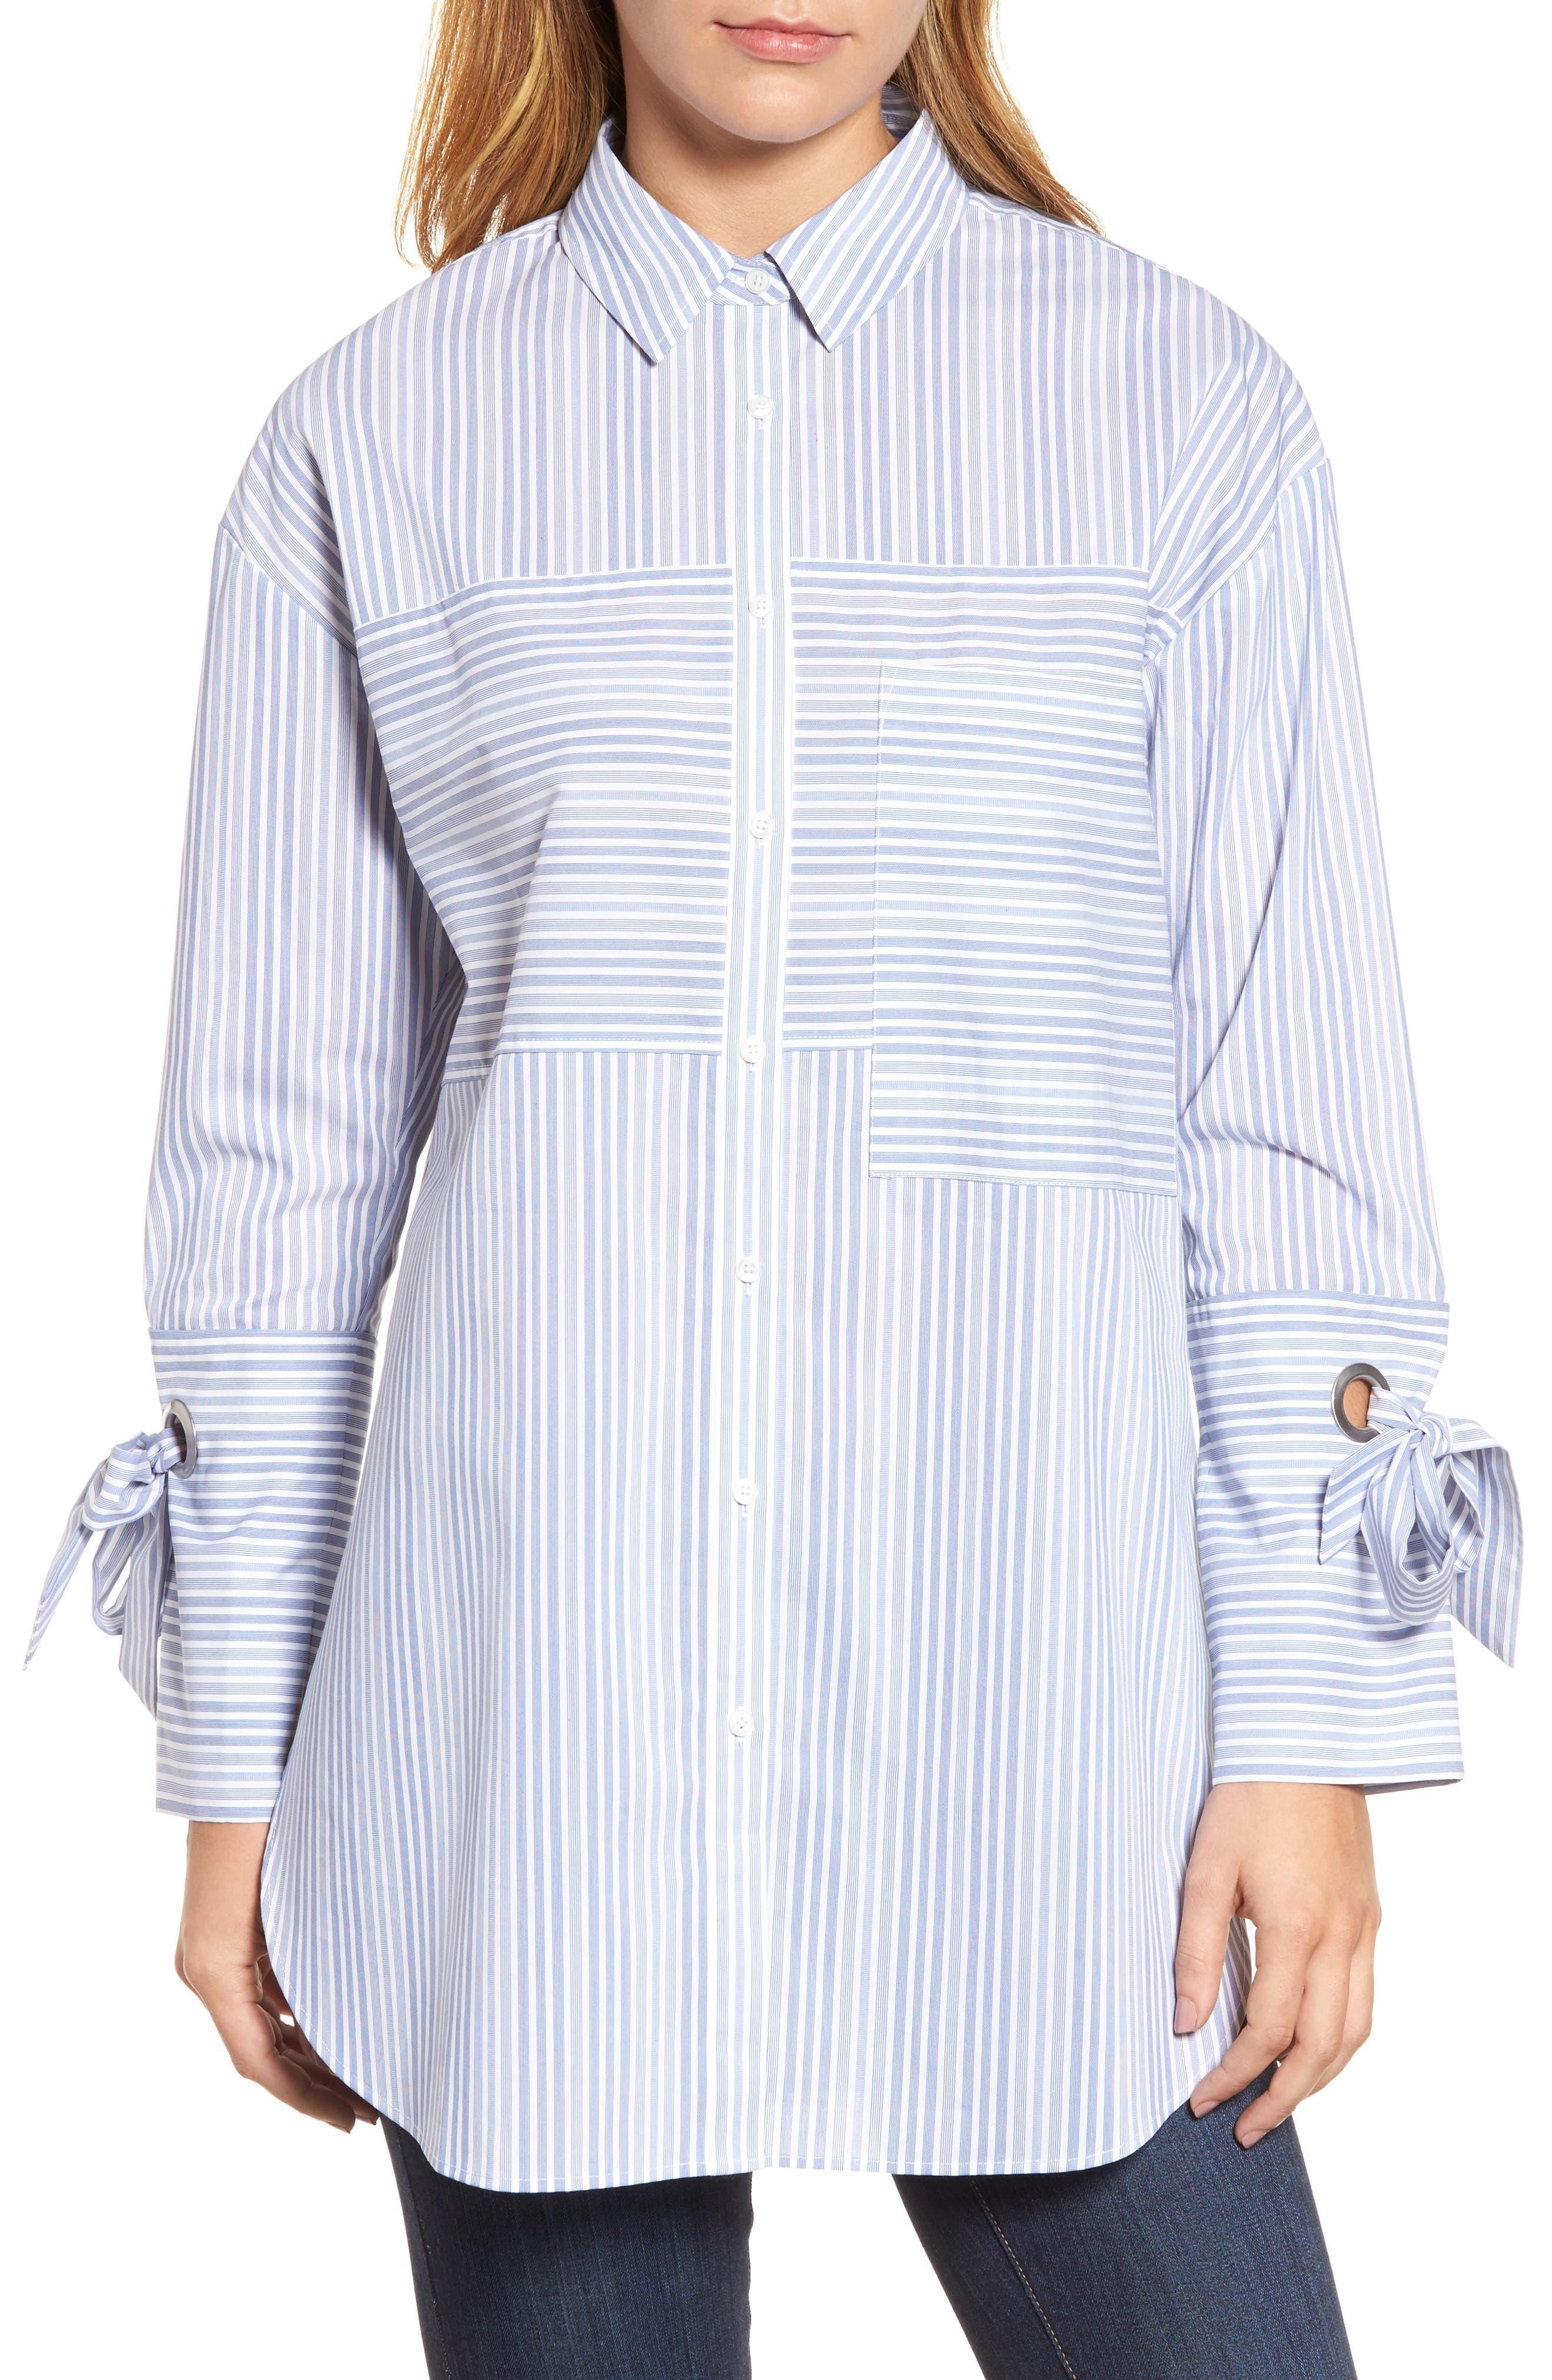 Main Image - Halogen® Pocket Detail Stripe Tunic Top (Regular & Petite)